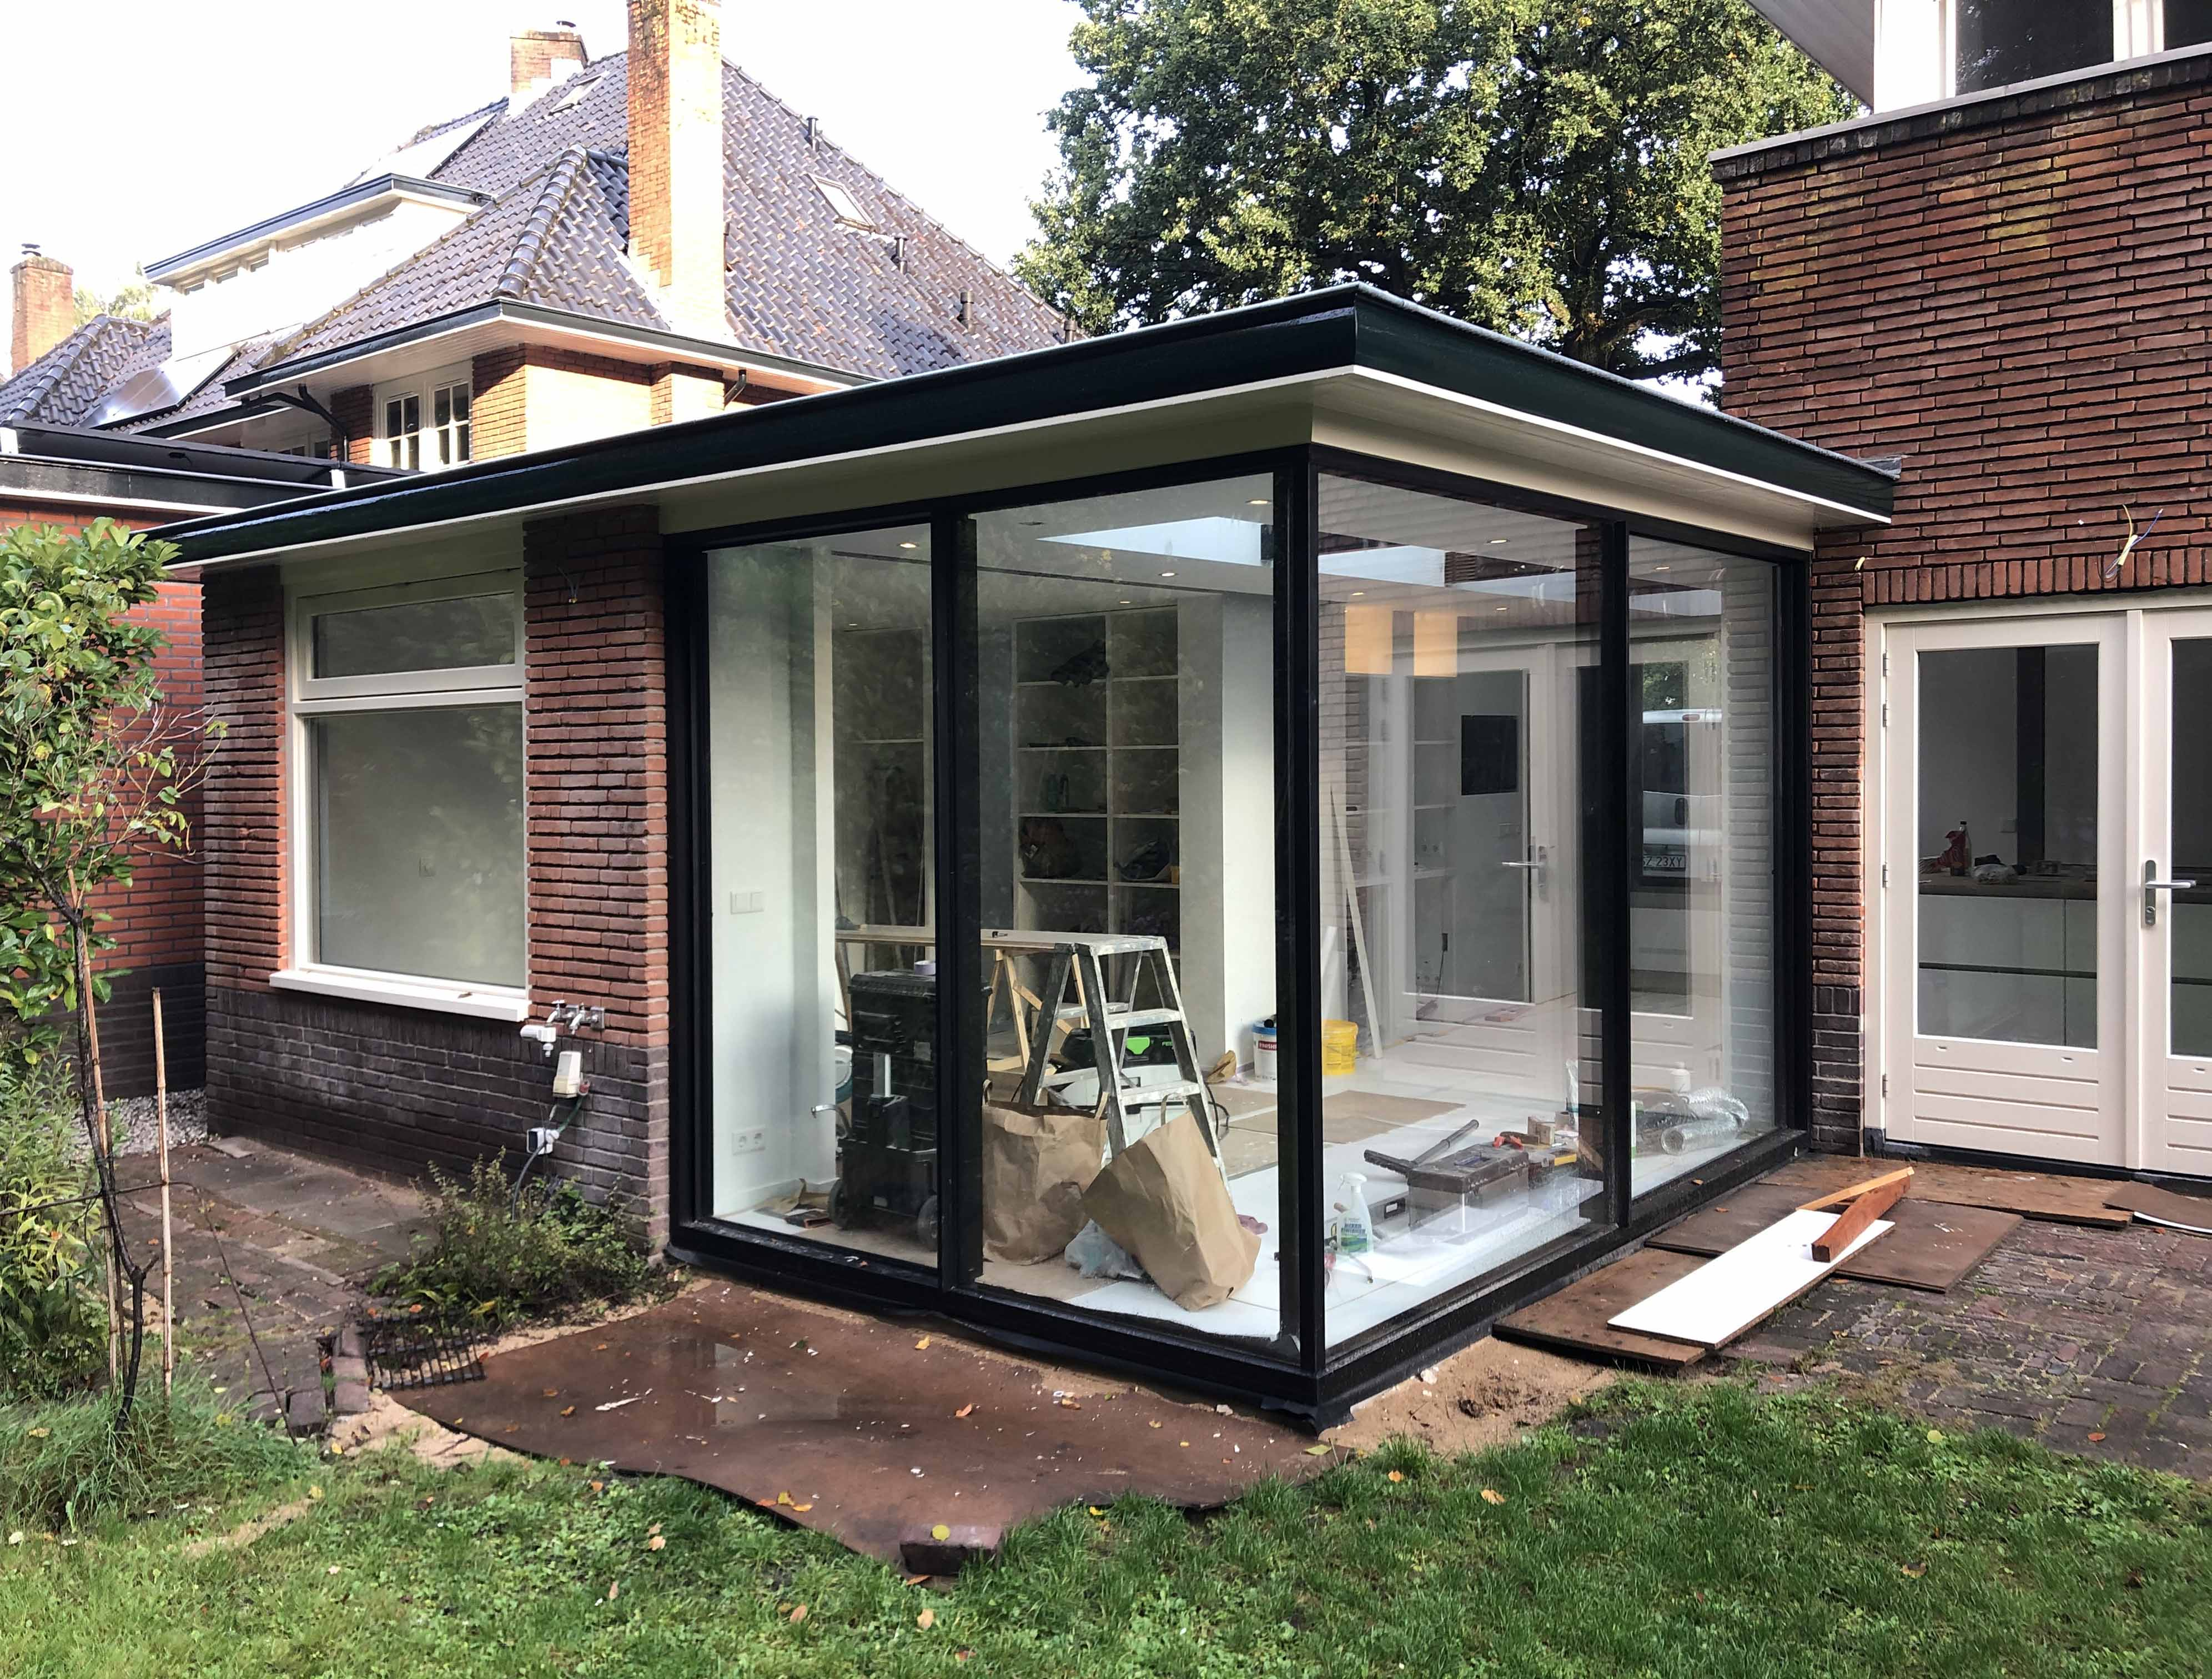 04/11/2019 Vooroplevering woning wijk Boomberg Hilversum